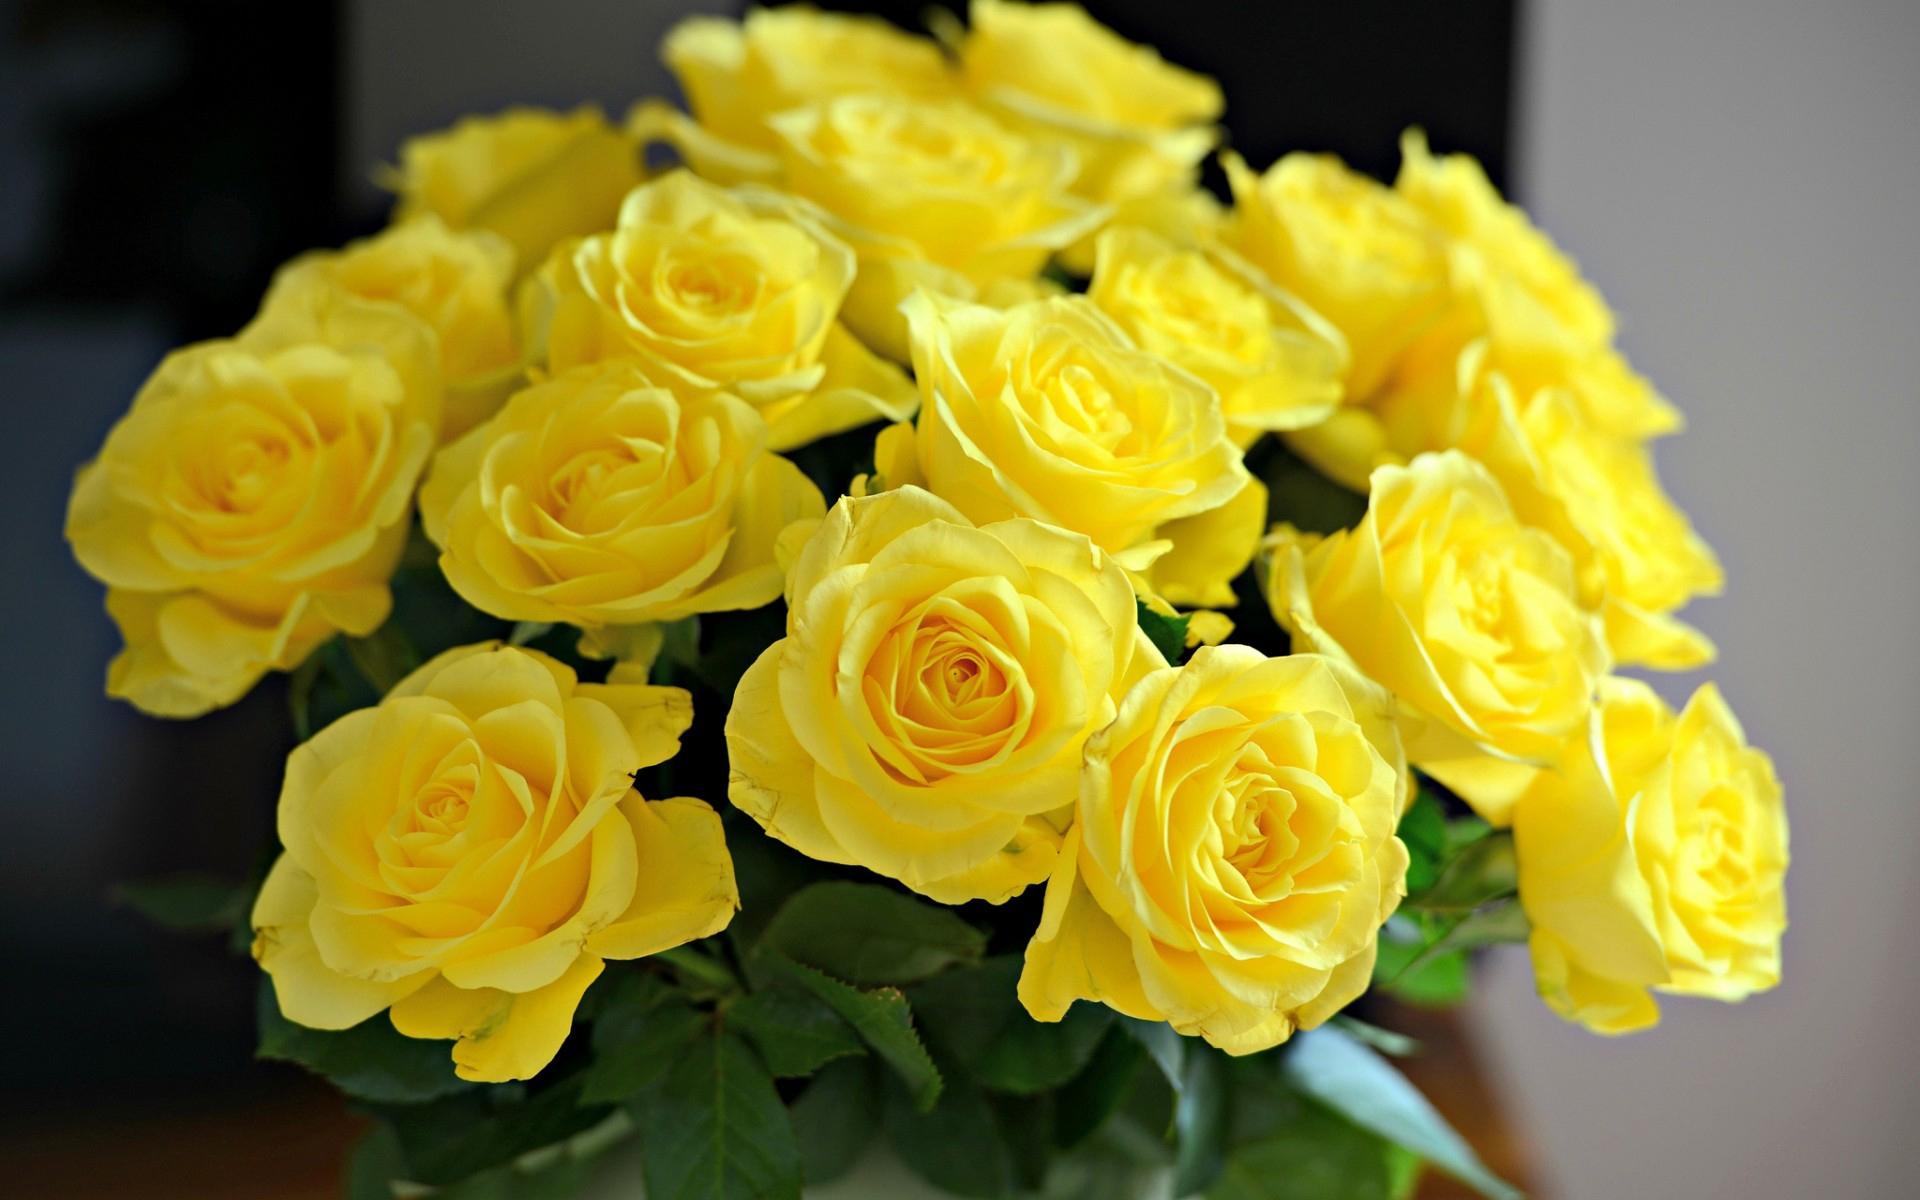 Hd wallpaper yellow rose - Yellow Rose Wallpapers Wallpapersafari